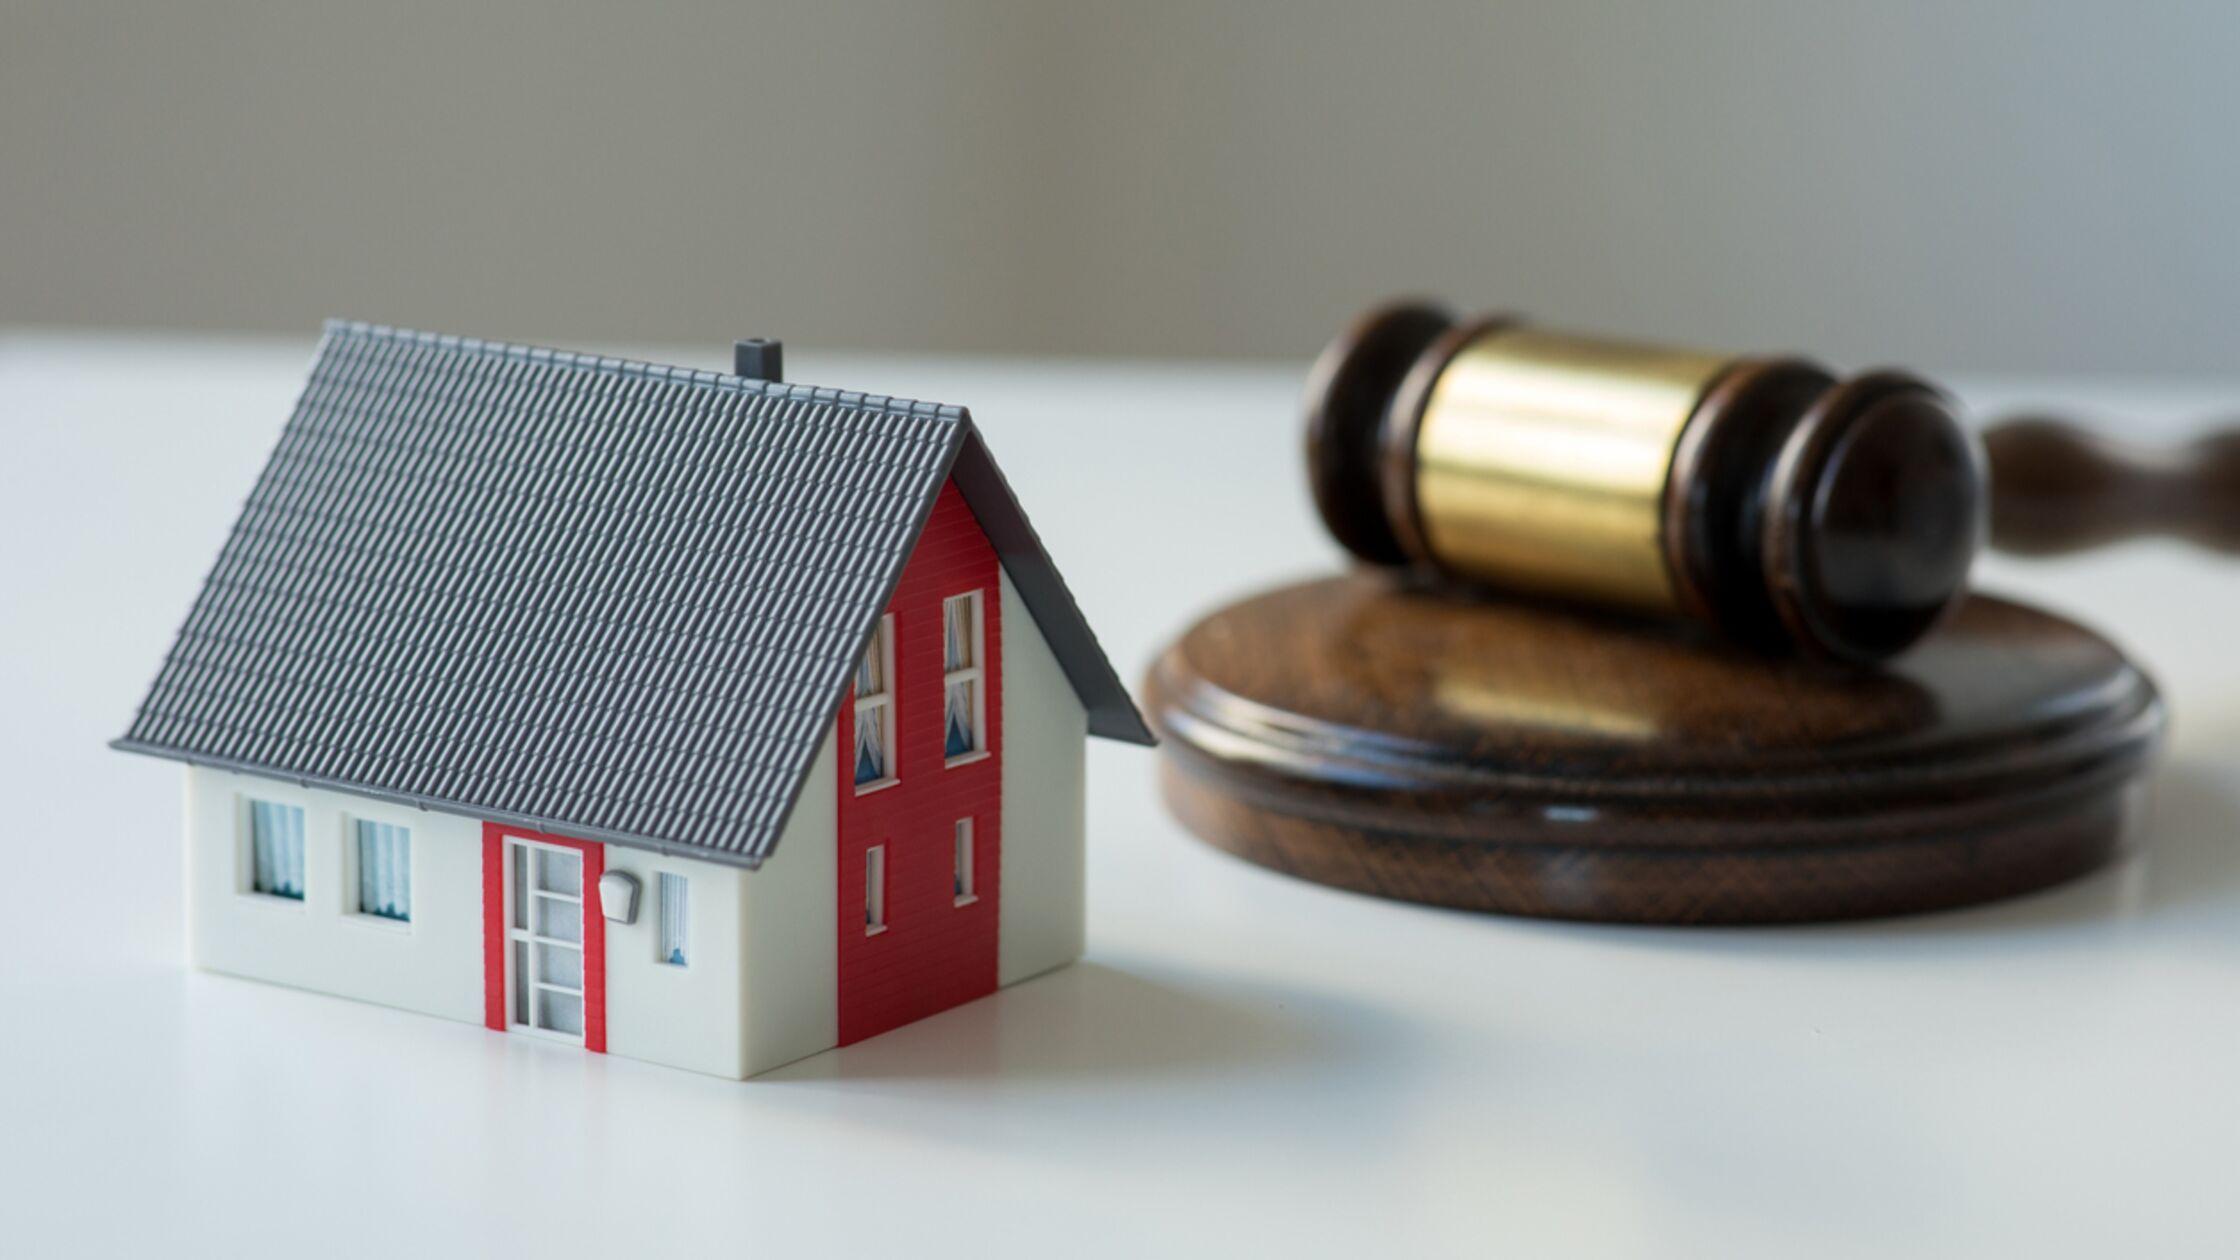 Zwangsversteigerung von Immobilien: Mit diesen Tipps sichern Sie sich ein Schnäppchen